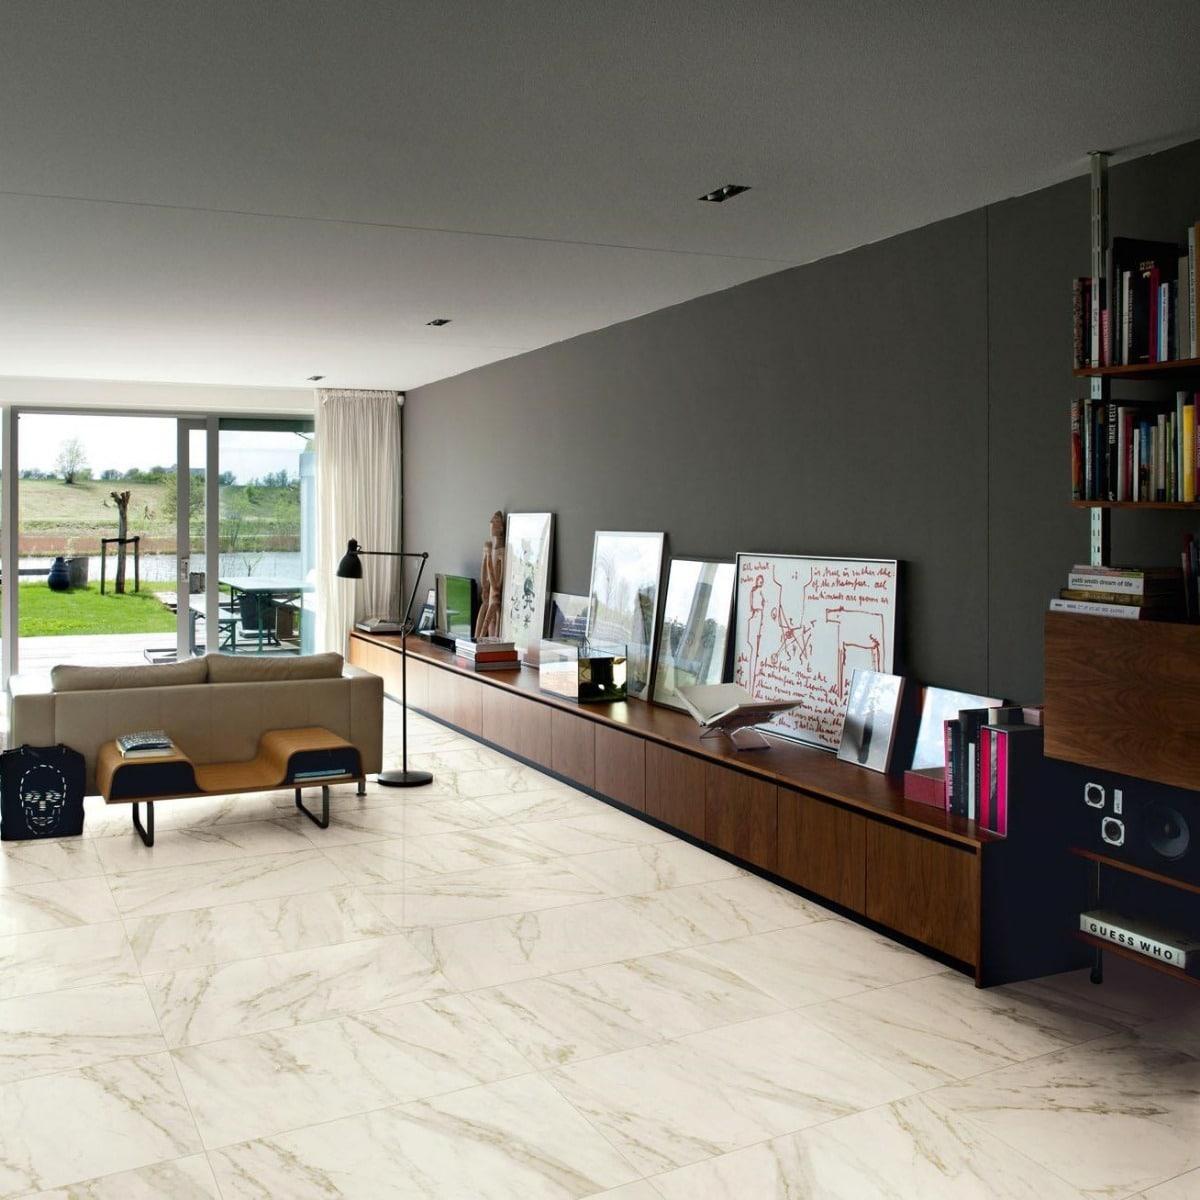 Gres Porcellanato Prezzi Bassi dettagli su marazzi preview ivory lux 58x116 cm m0j7 casa39 gres  porcellanato effetto marmo